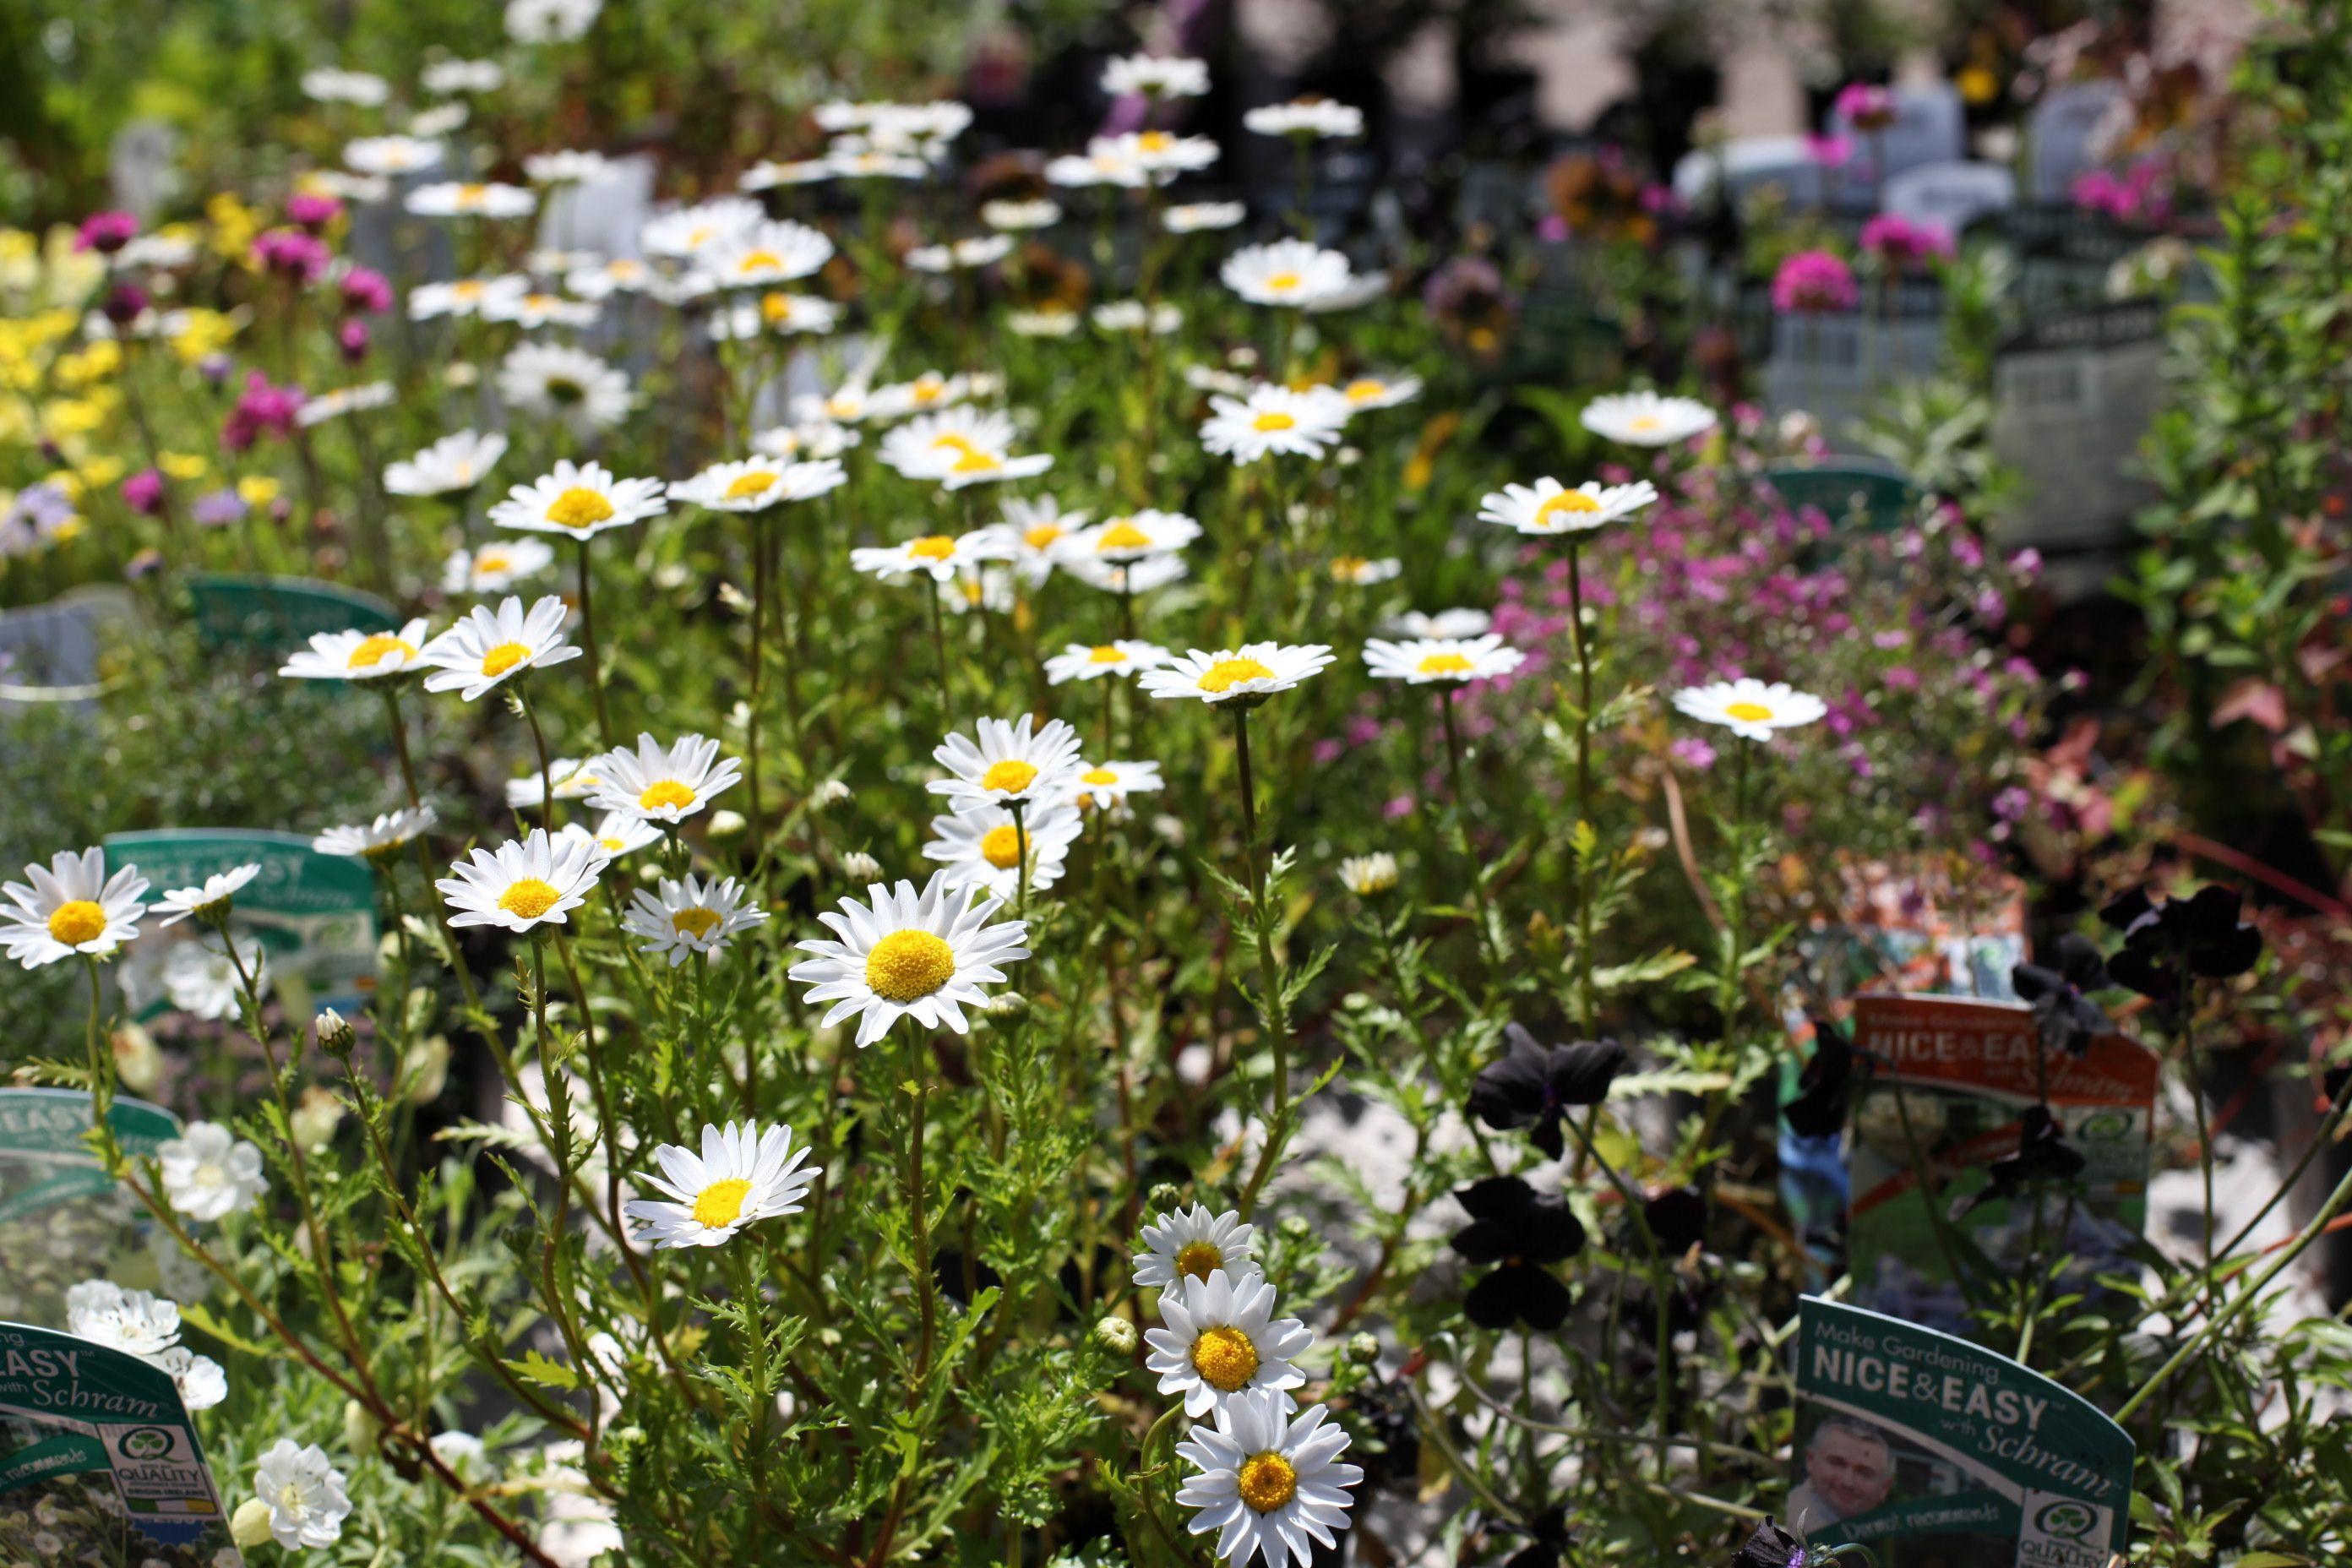 Chrysanthemum Snowland Masses Of Bright White Daisy Like Flowers